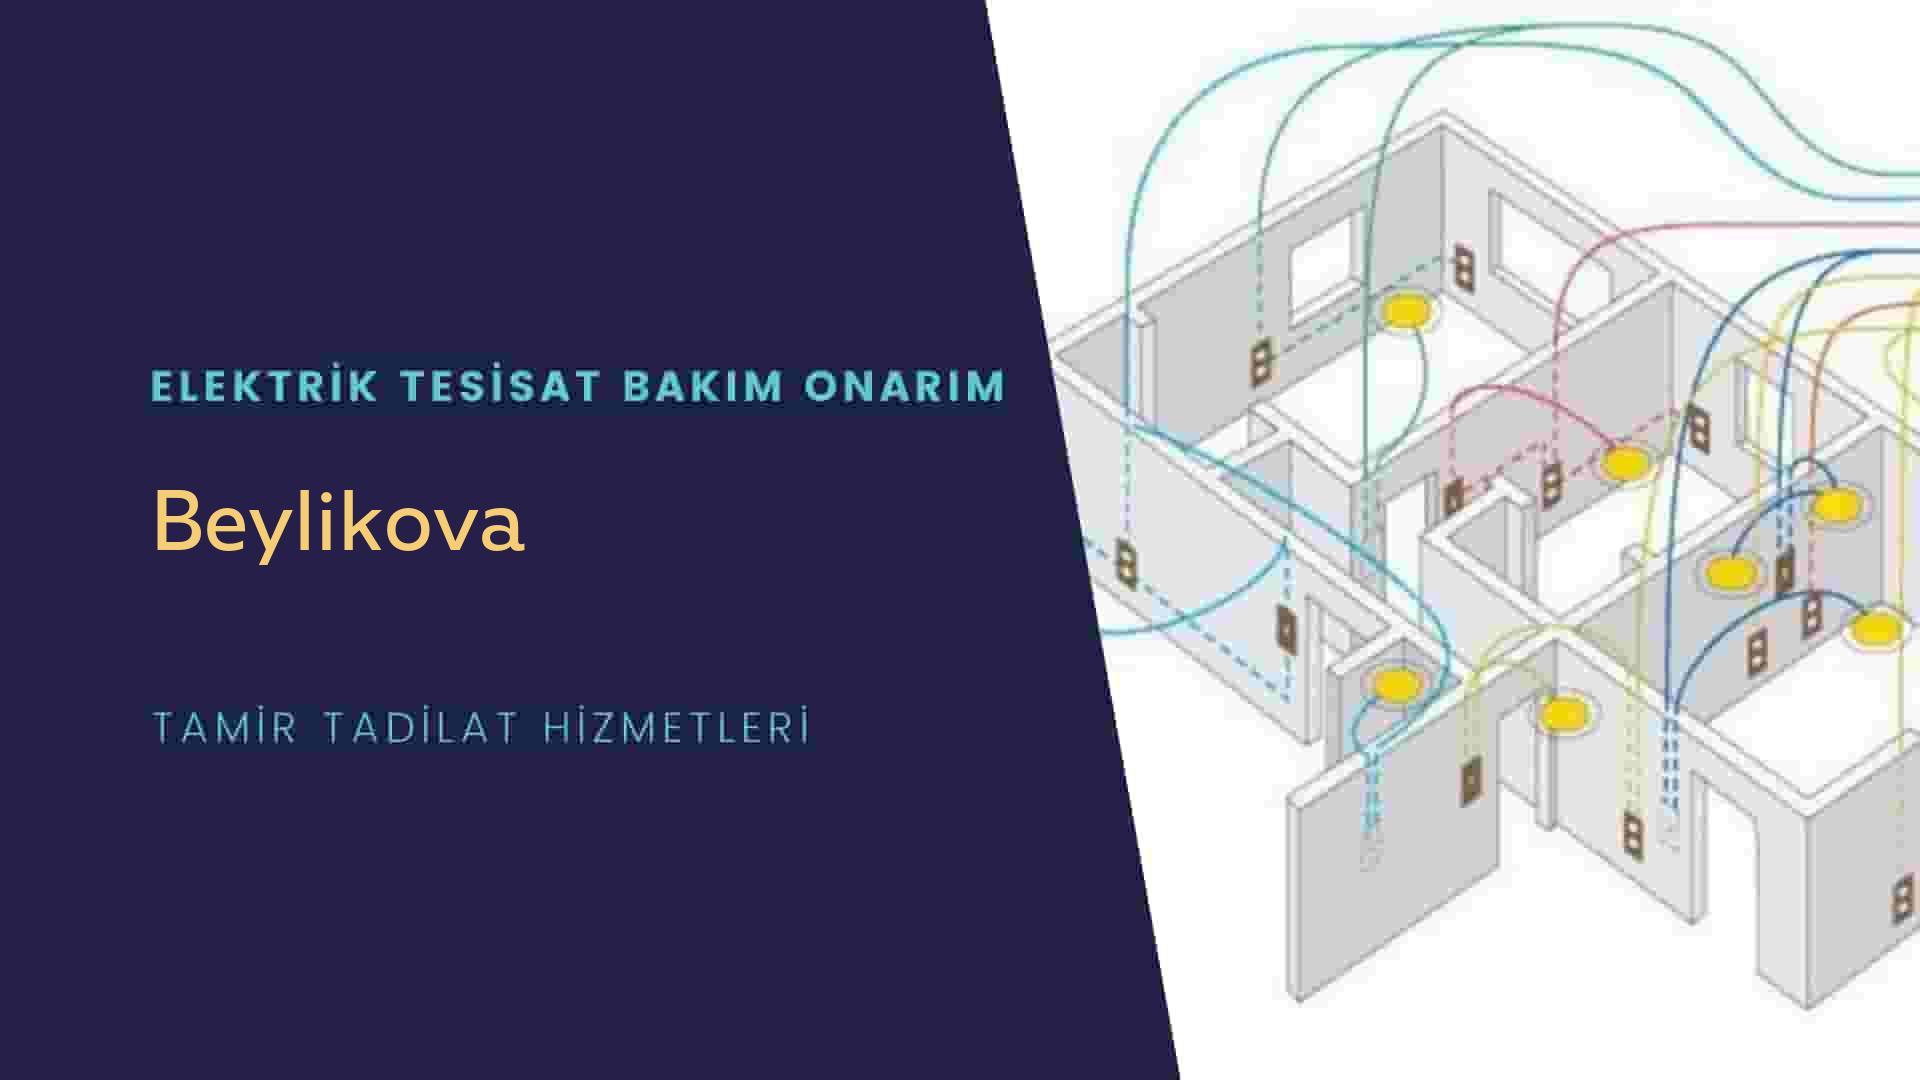 Beylikova'da elektrik tesisatıustalarımı arıyorsunuz doğru adrestenizi Beylikova elektrik tesisatı ustalarımız 7/24 sizlere hizmet vermekten mutluluk duyar.